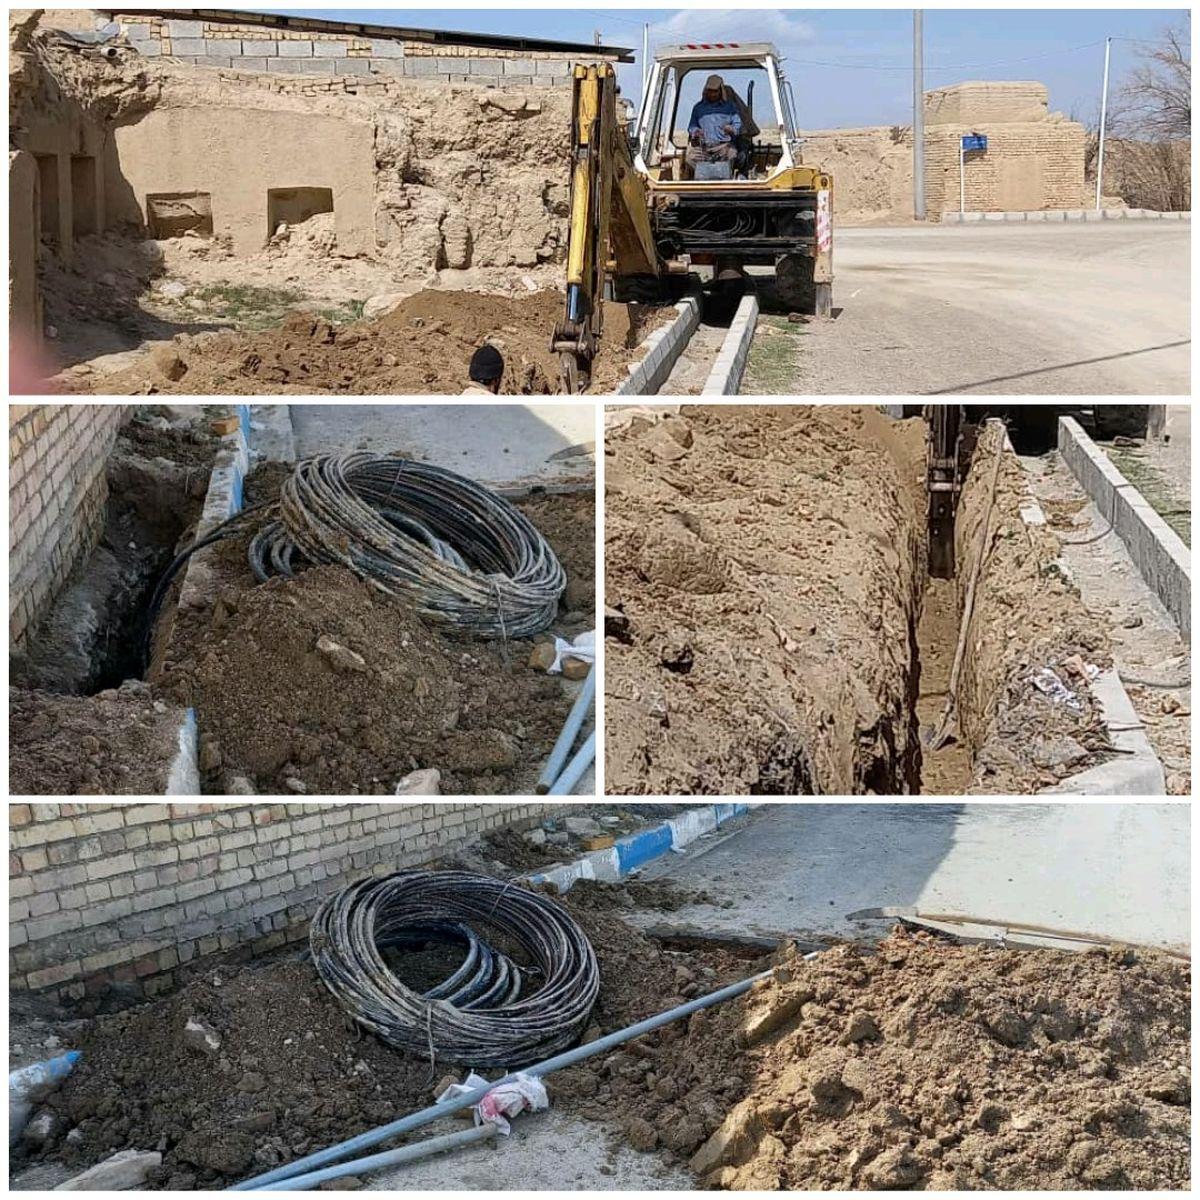 توسعه زیرساخت های ارتباطی در شهرستان گلپایگان